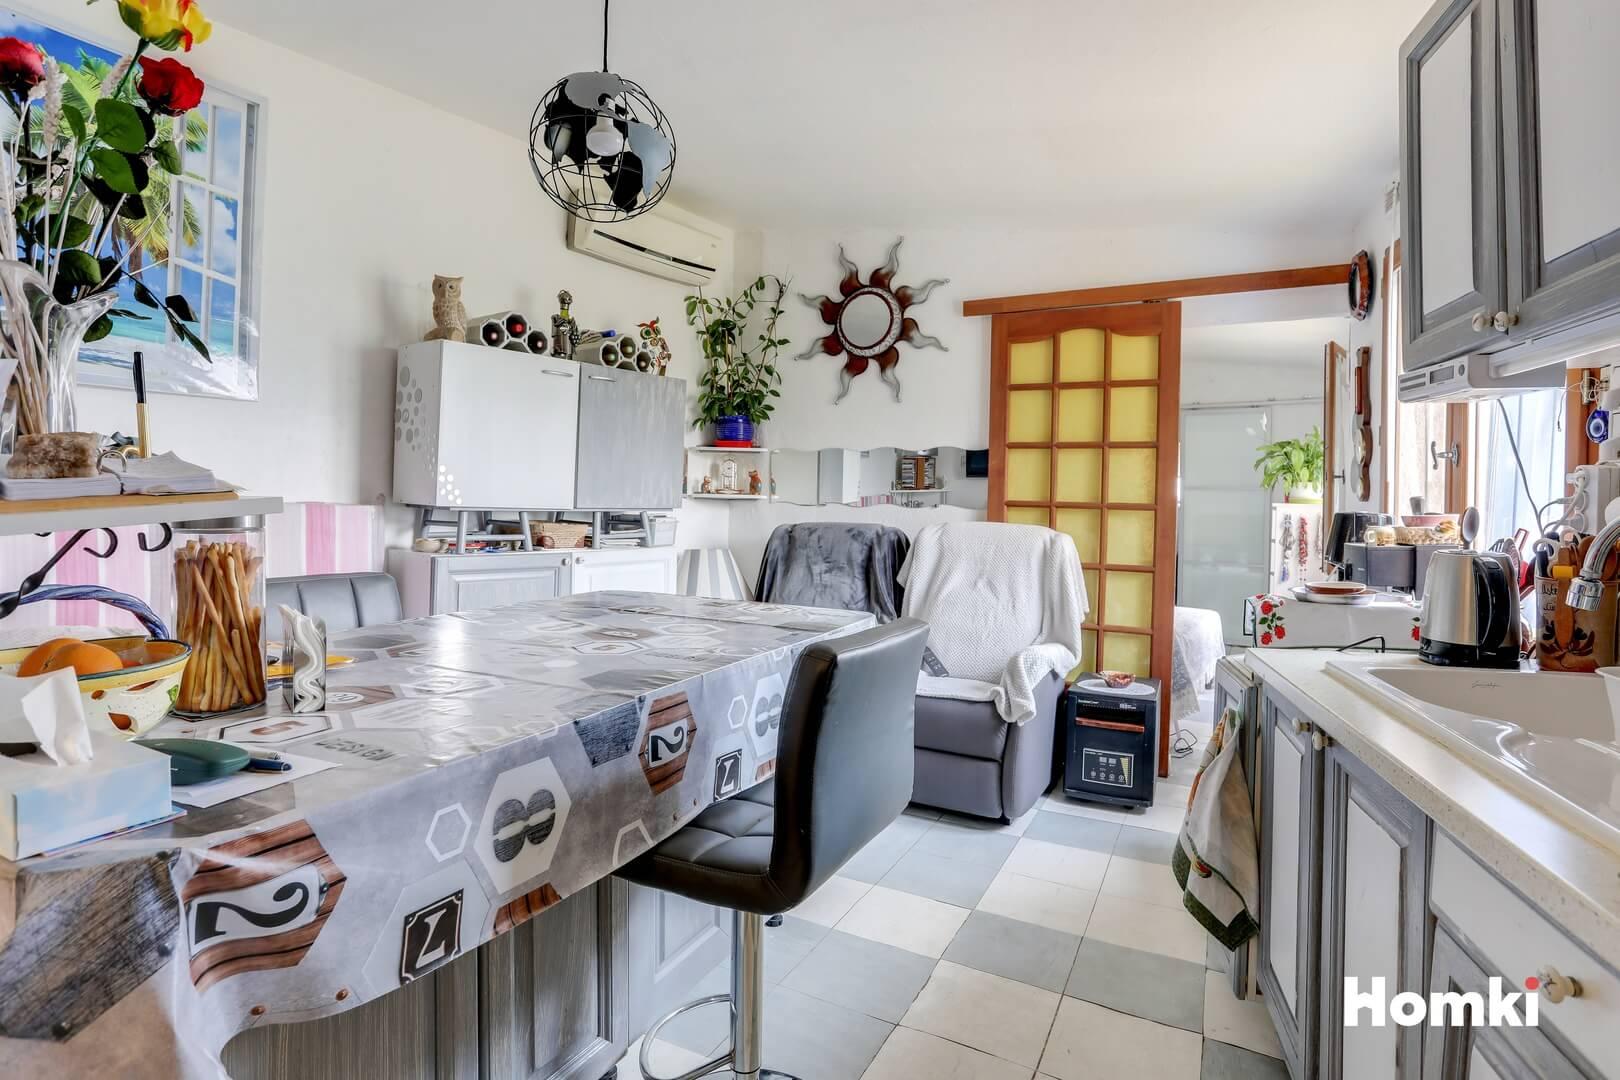 Homki - Vente Maison/villa  de 46.0 m² à Gilette 06830